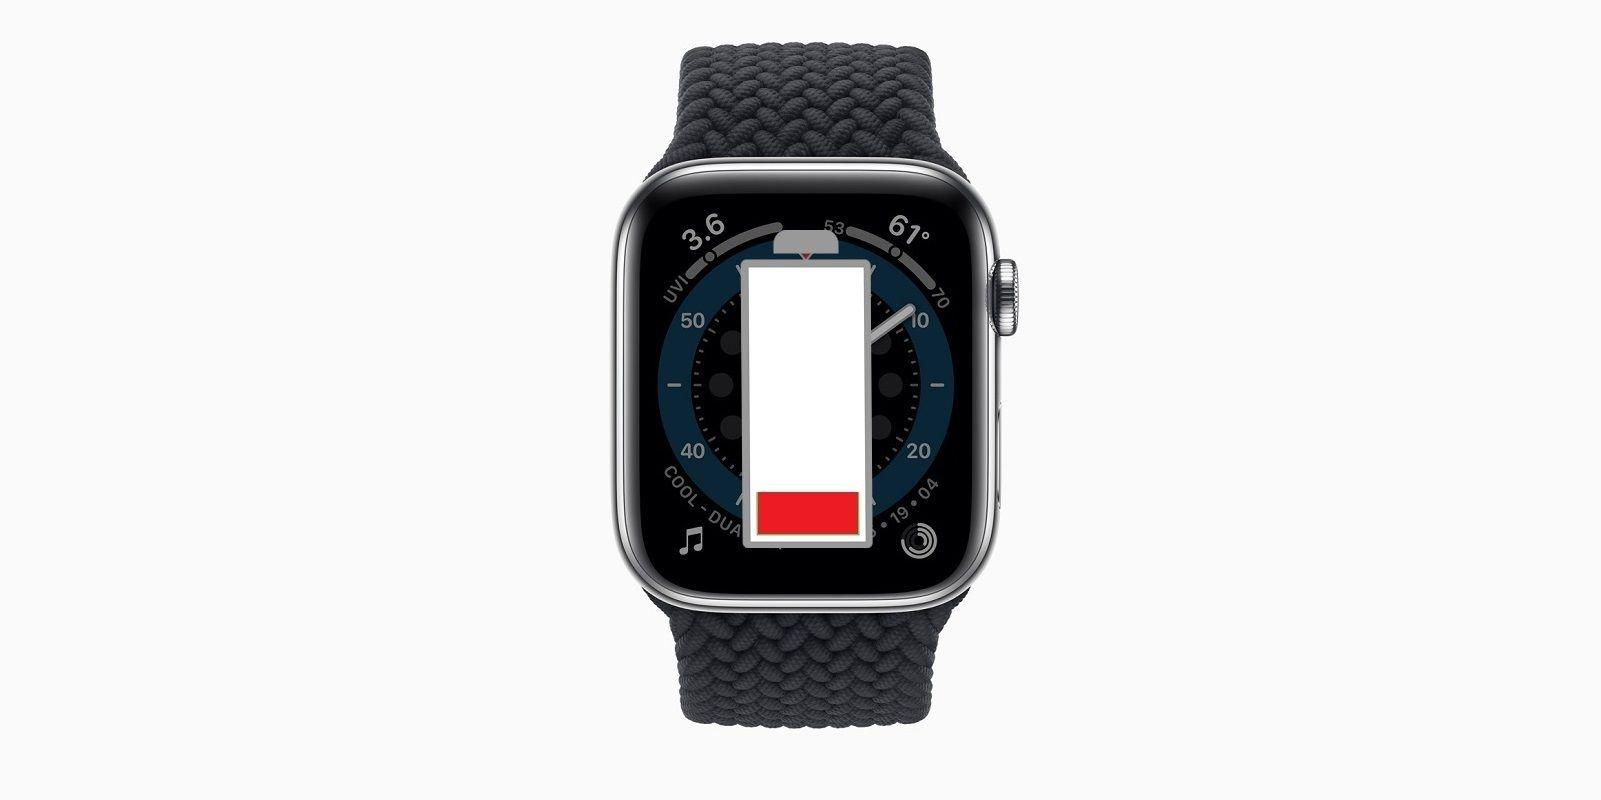 รีวิว Apple Watch 6: อายุการใช้งานแบตเตอรี่